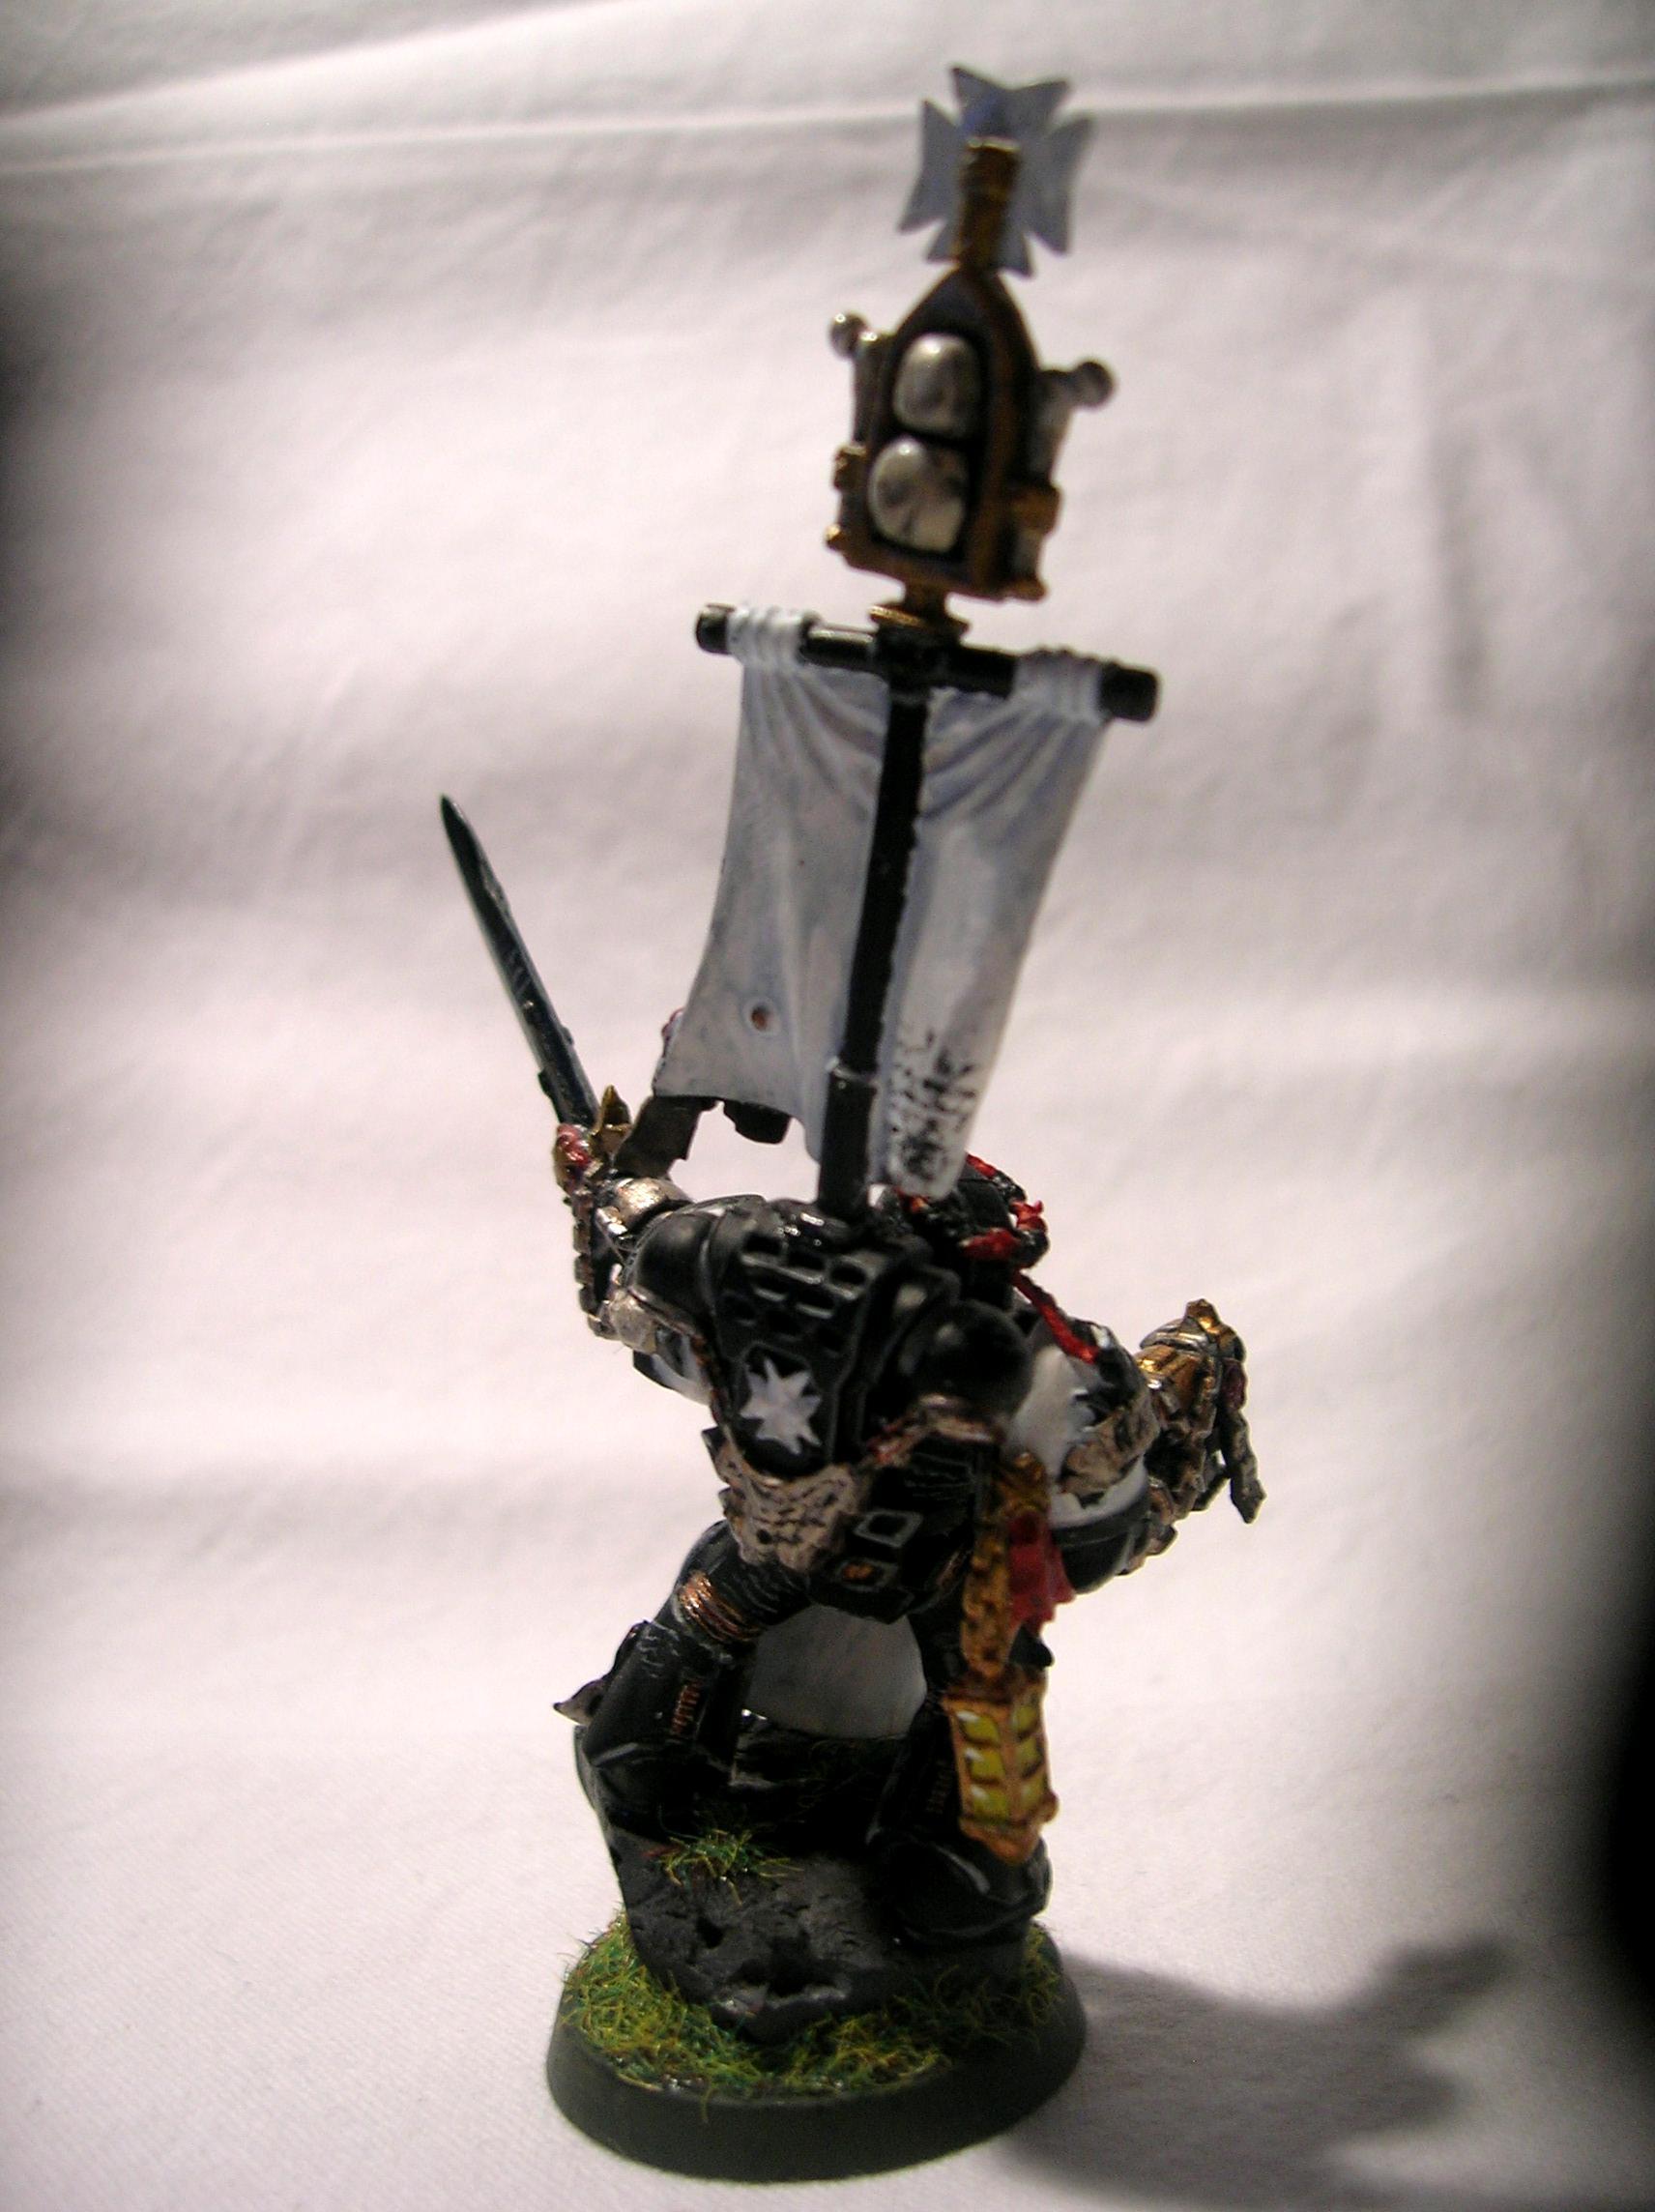 Black Templars, Chosen, Emperor, Imperial Guard, Imperium, Sigmar, Space Marines